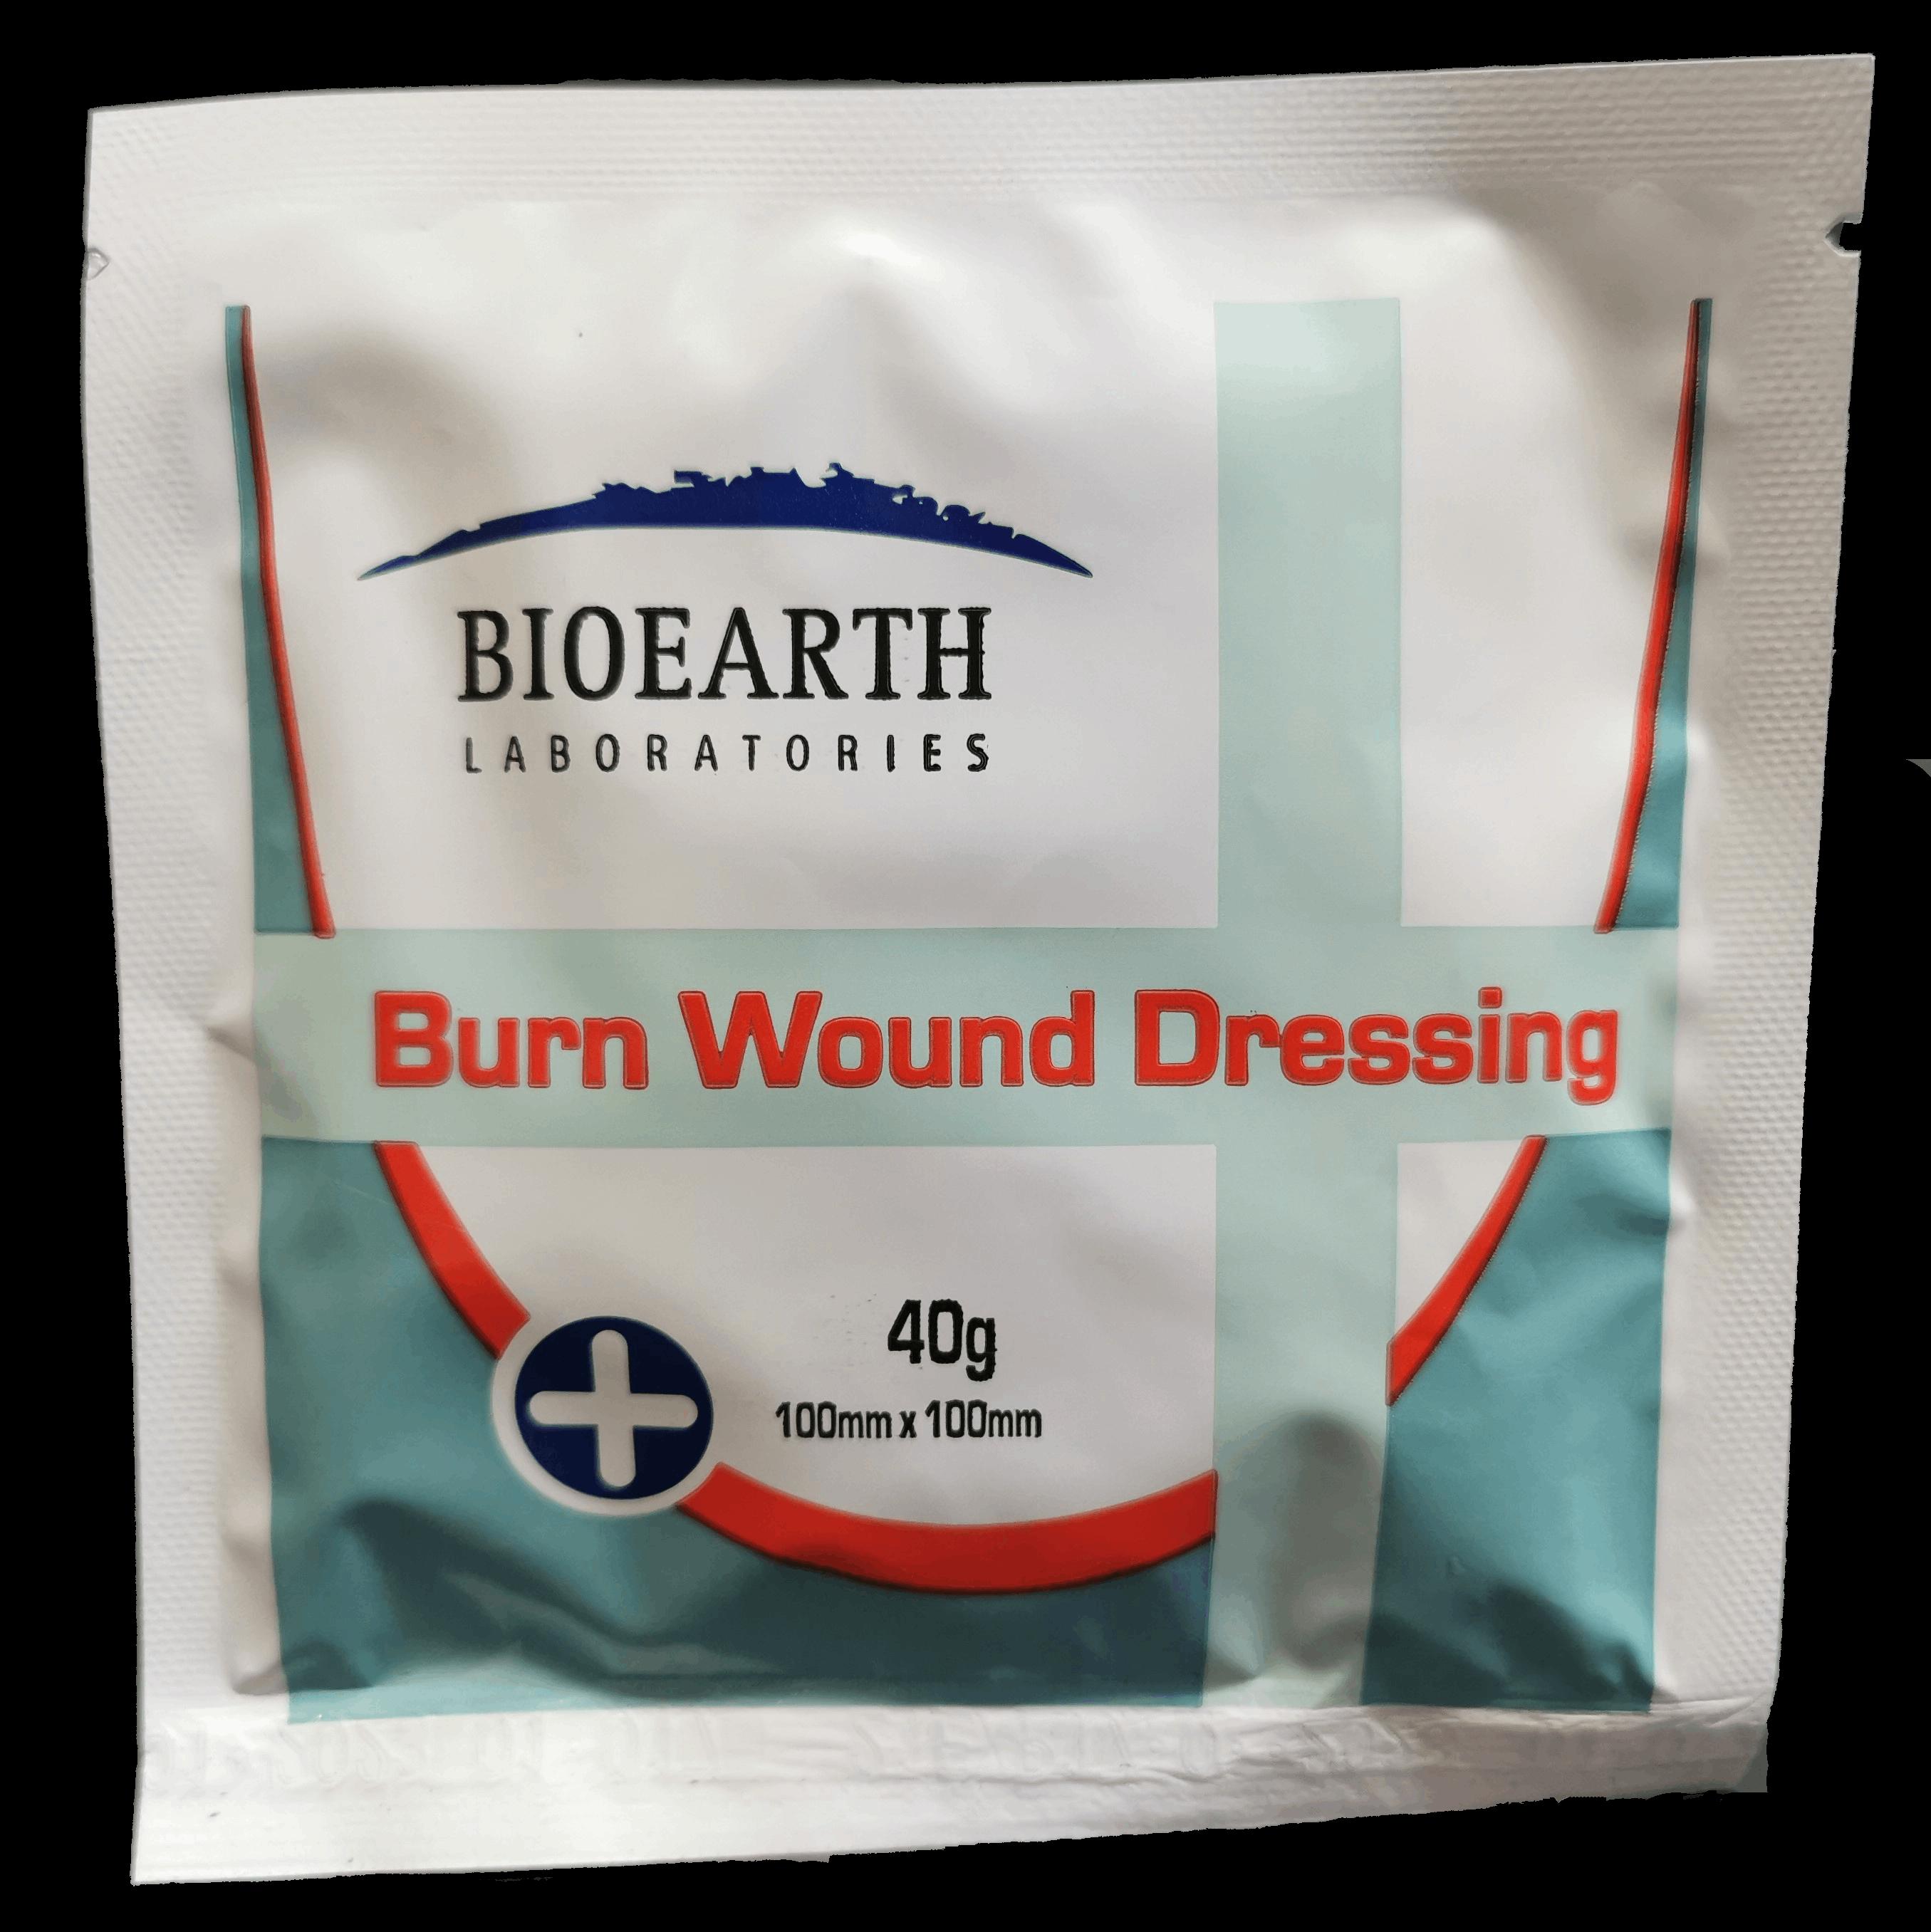 Burn Wound Dressing